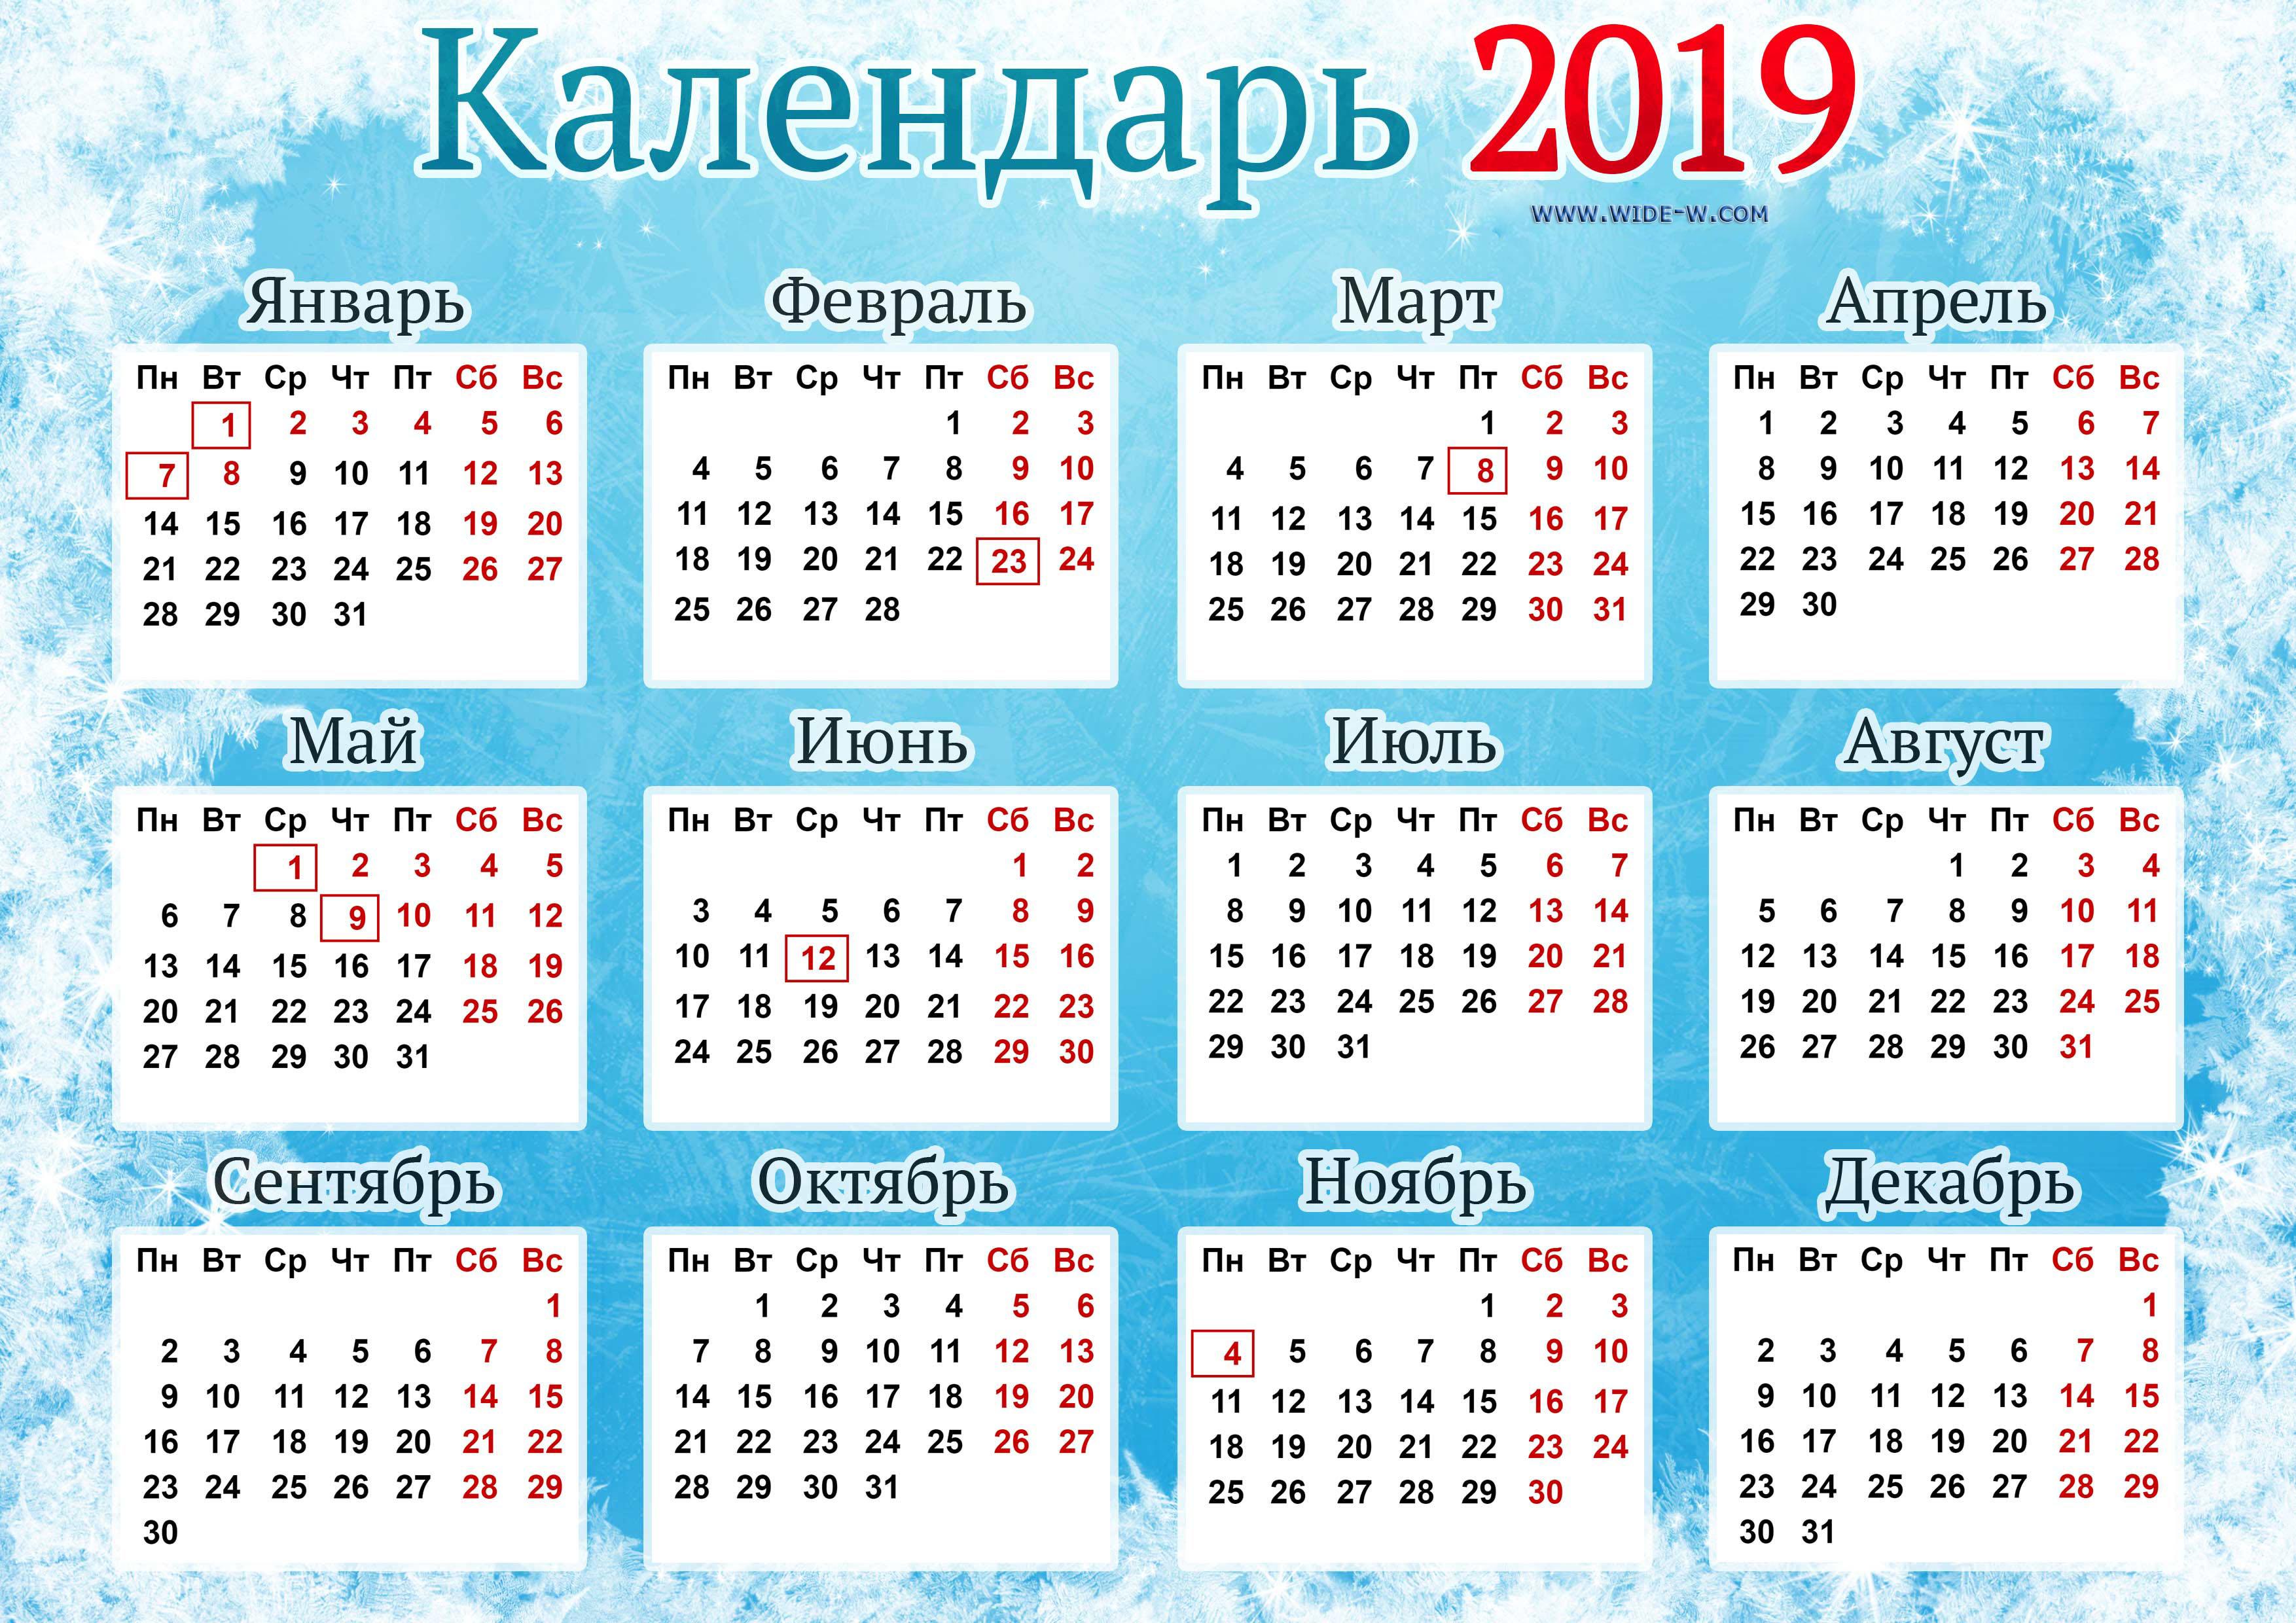 обои на рабочий стол осень календарь 2019 15455